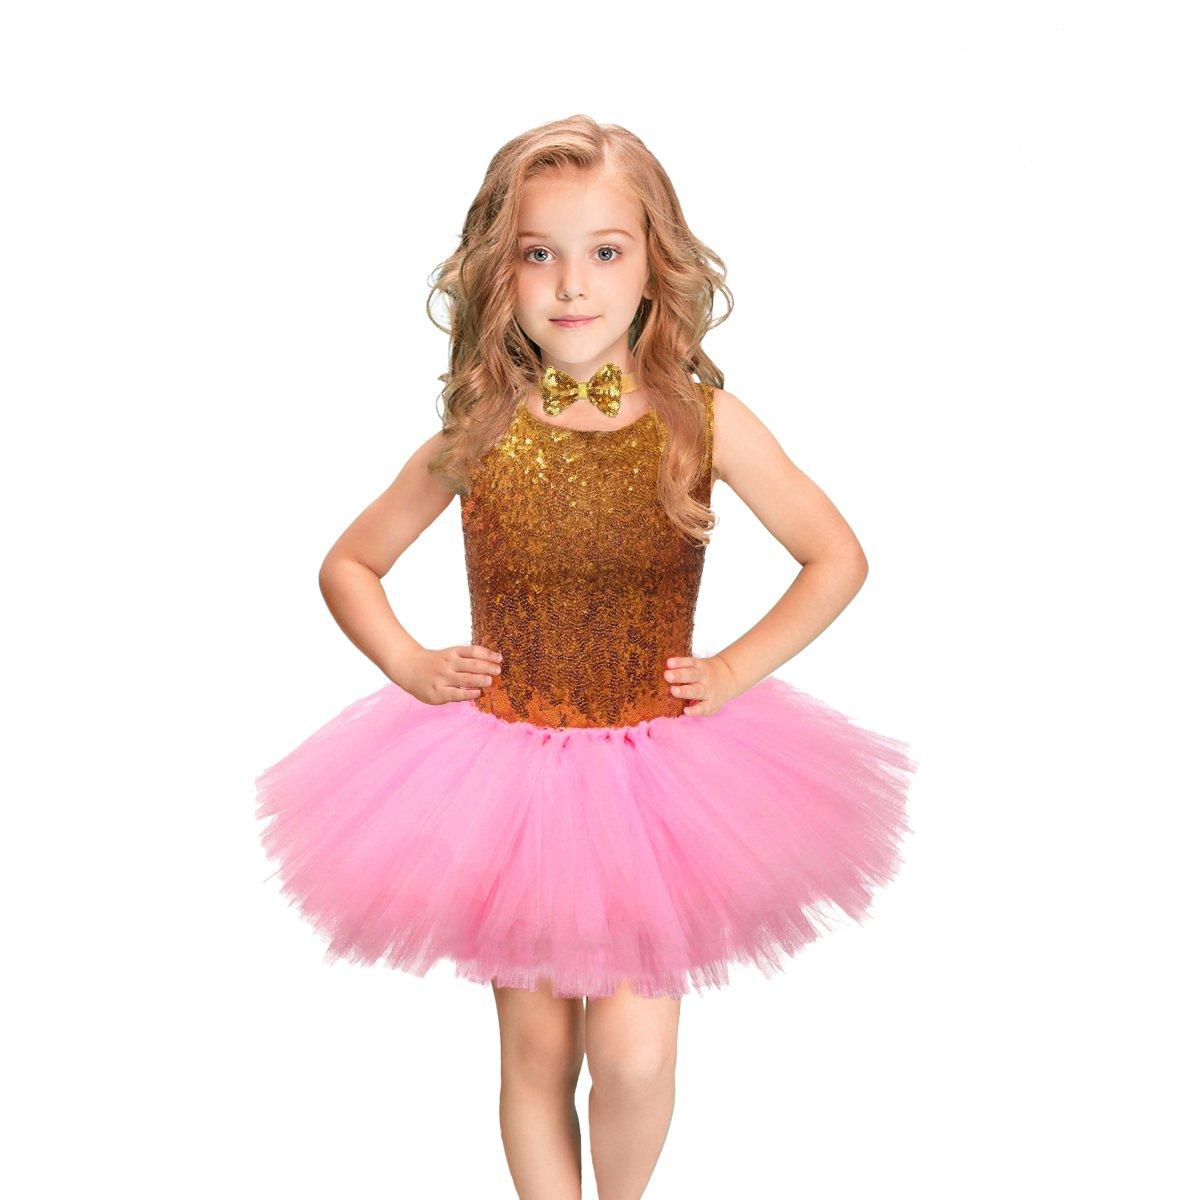 102b00b1449a LEEGEEL Sequins Tutu Dress Girls Handmade Tutu Dress Sleeveless ...